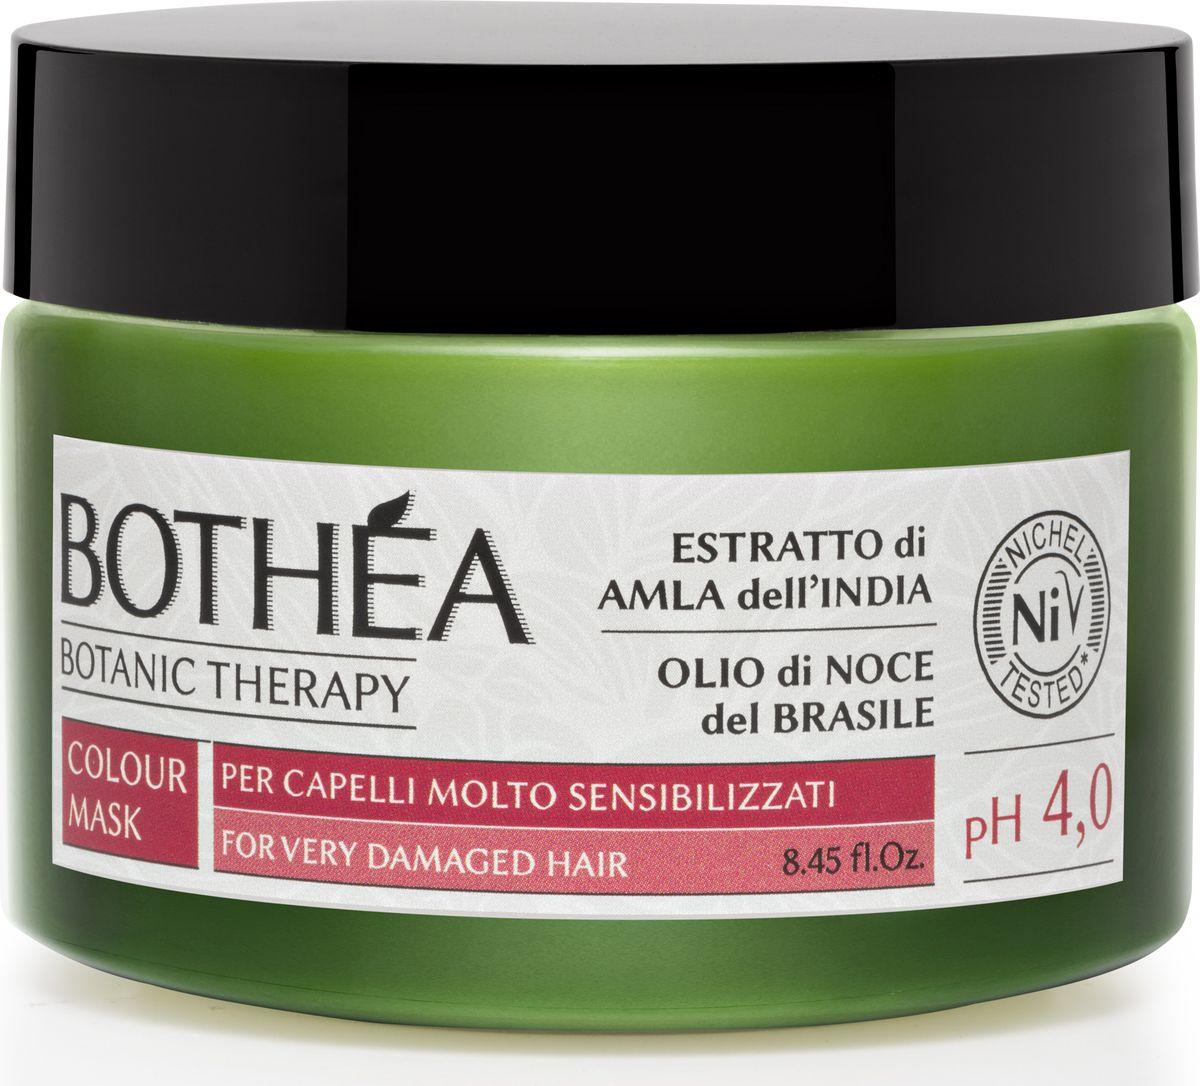 Bothea Маска для поврежденных волос Mask For Slightly Damaged Hair pH 4.0 - 250 мл4605845001449Кондиционирующее действие по восстановлению влаги, формула закрывает чешуйки волос, обеспечивая превосходное отражение света. Более того, маска мгновенно смягчает кутикулу и облегчает расчесывание волос.